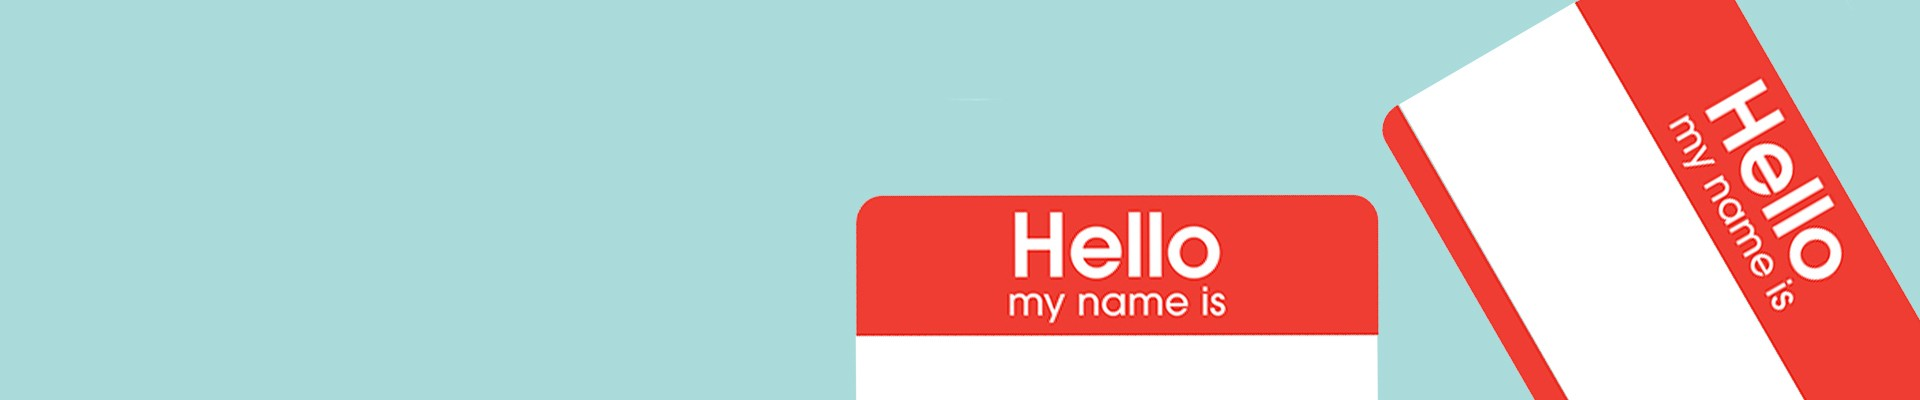 Jual Stiker Lengket Terlengkap & Termurah se-Indonesia!